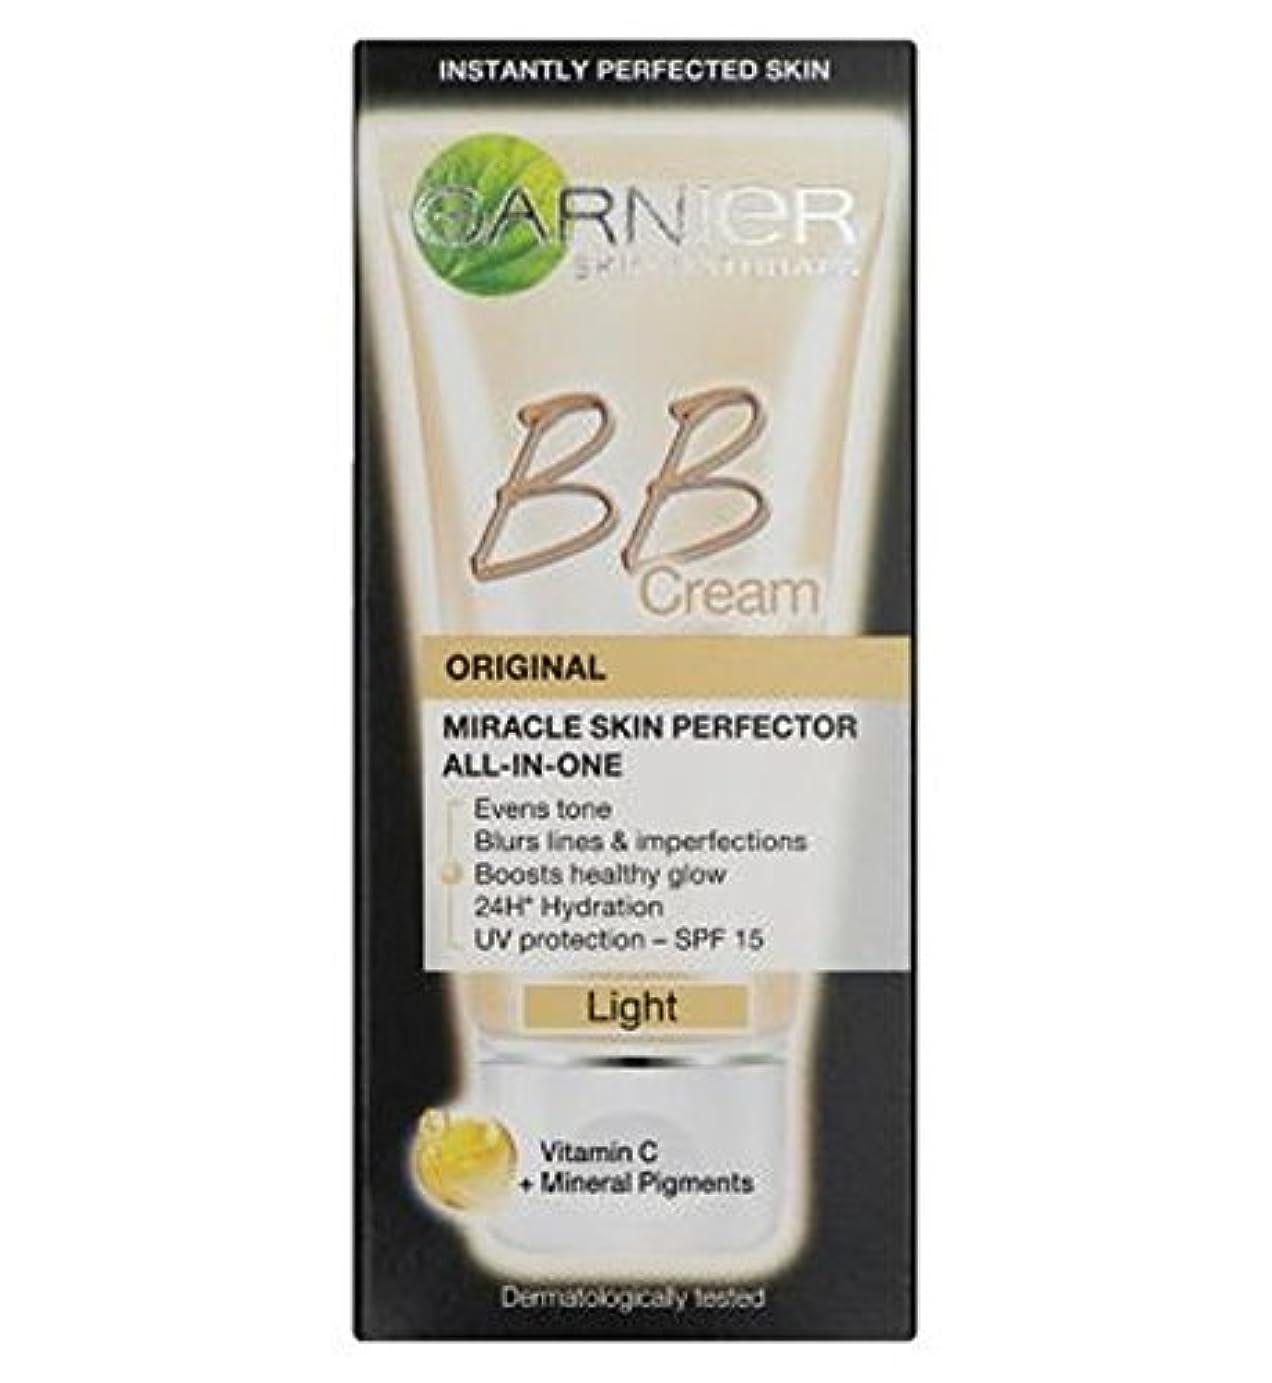 ペンダントすり減る罰毎日オールインワンB.B.ガルニエスキンパーフェク傷バームクリームライト50ミリリットル (Garnier) (x2) - Garnier Skin Perfector Daily All-In-One B.B. Blemish...